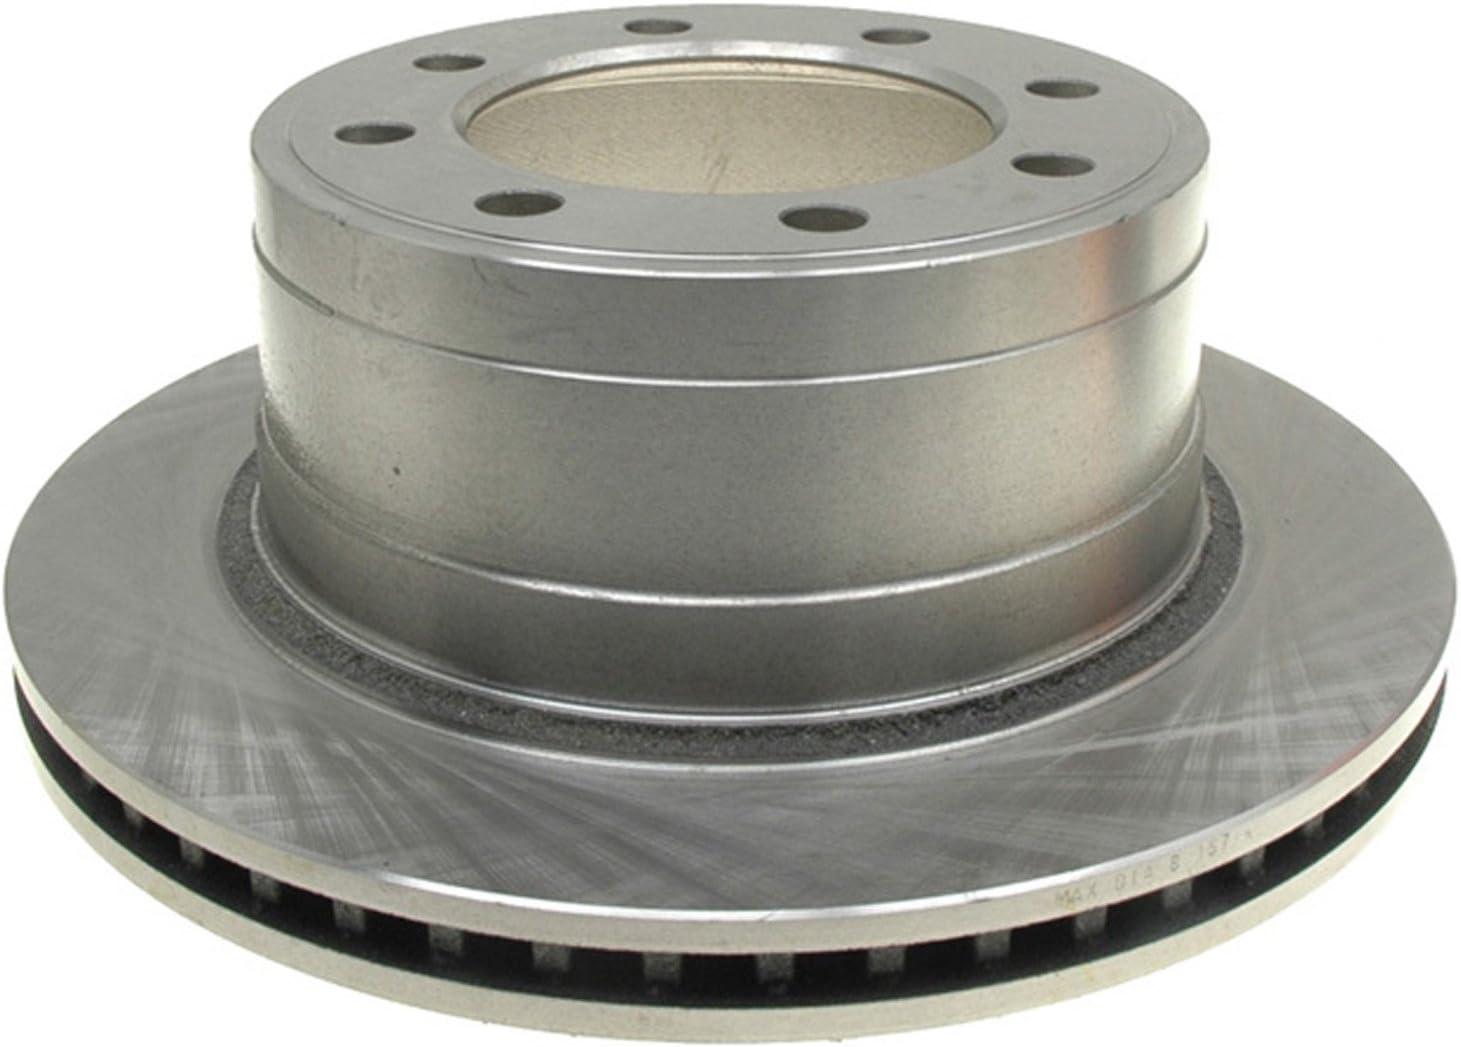 ACDelco 18A1592A Advantage Non-Coated Rear Disc Brake Rotor